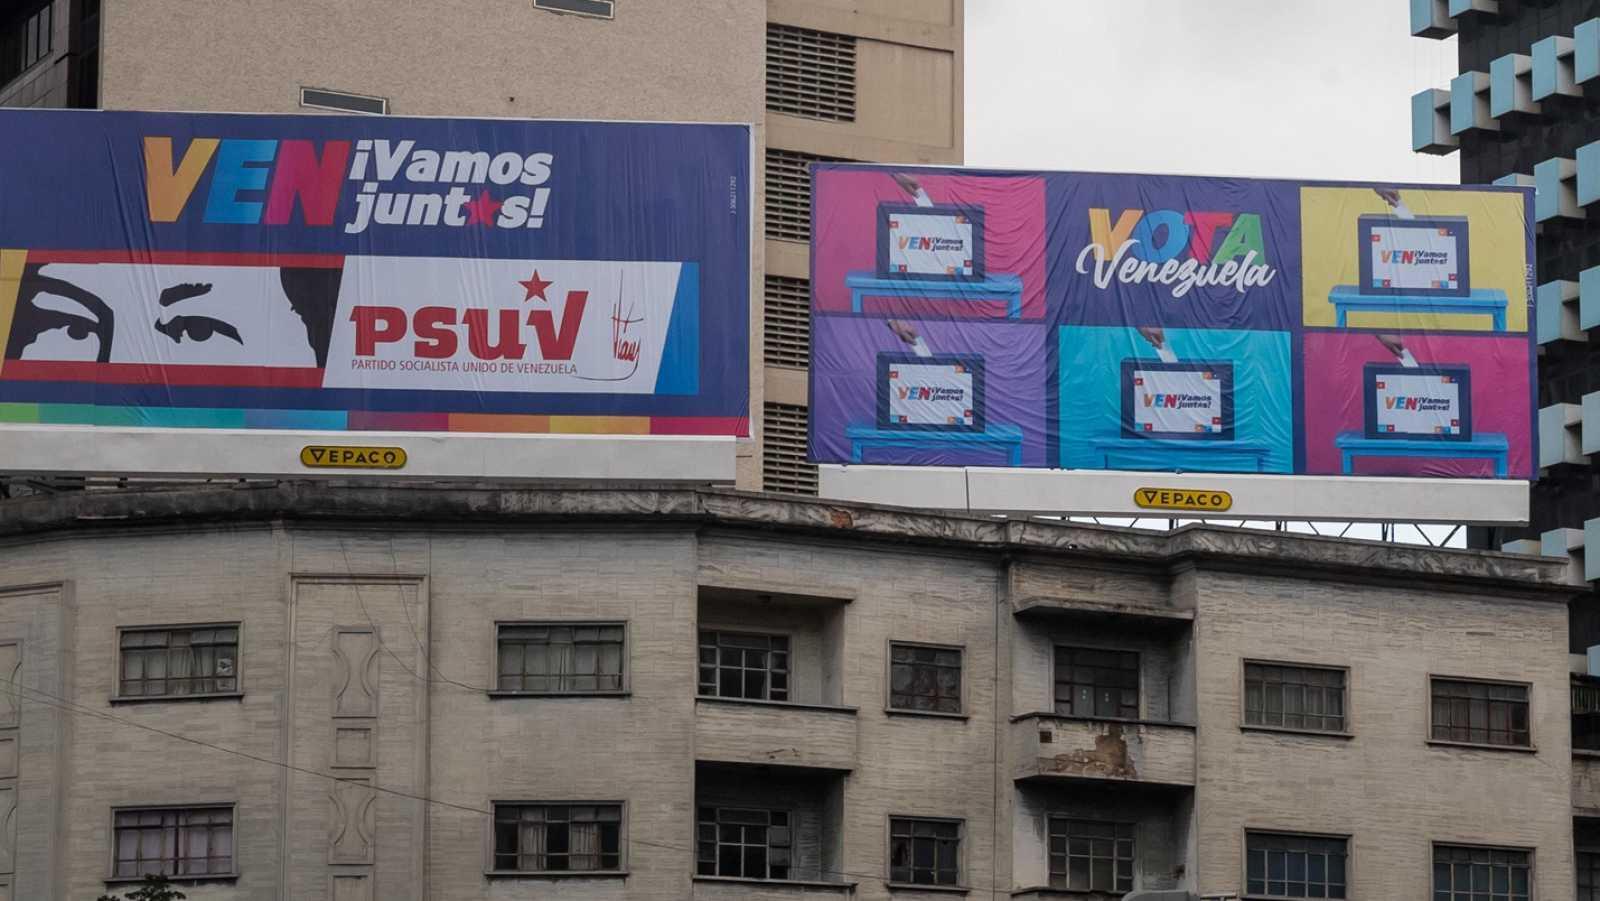 Hora América - Elecciones parlamentarias en Venezuela el 6 de diciembre - 02/12/20 - escuchar ahora